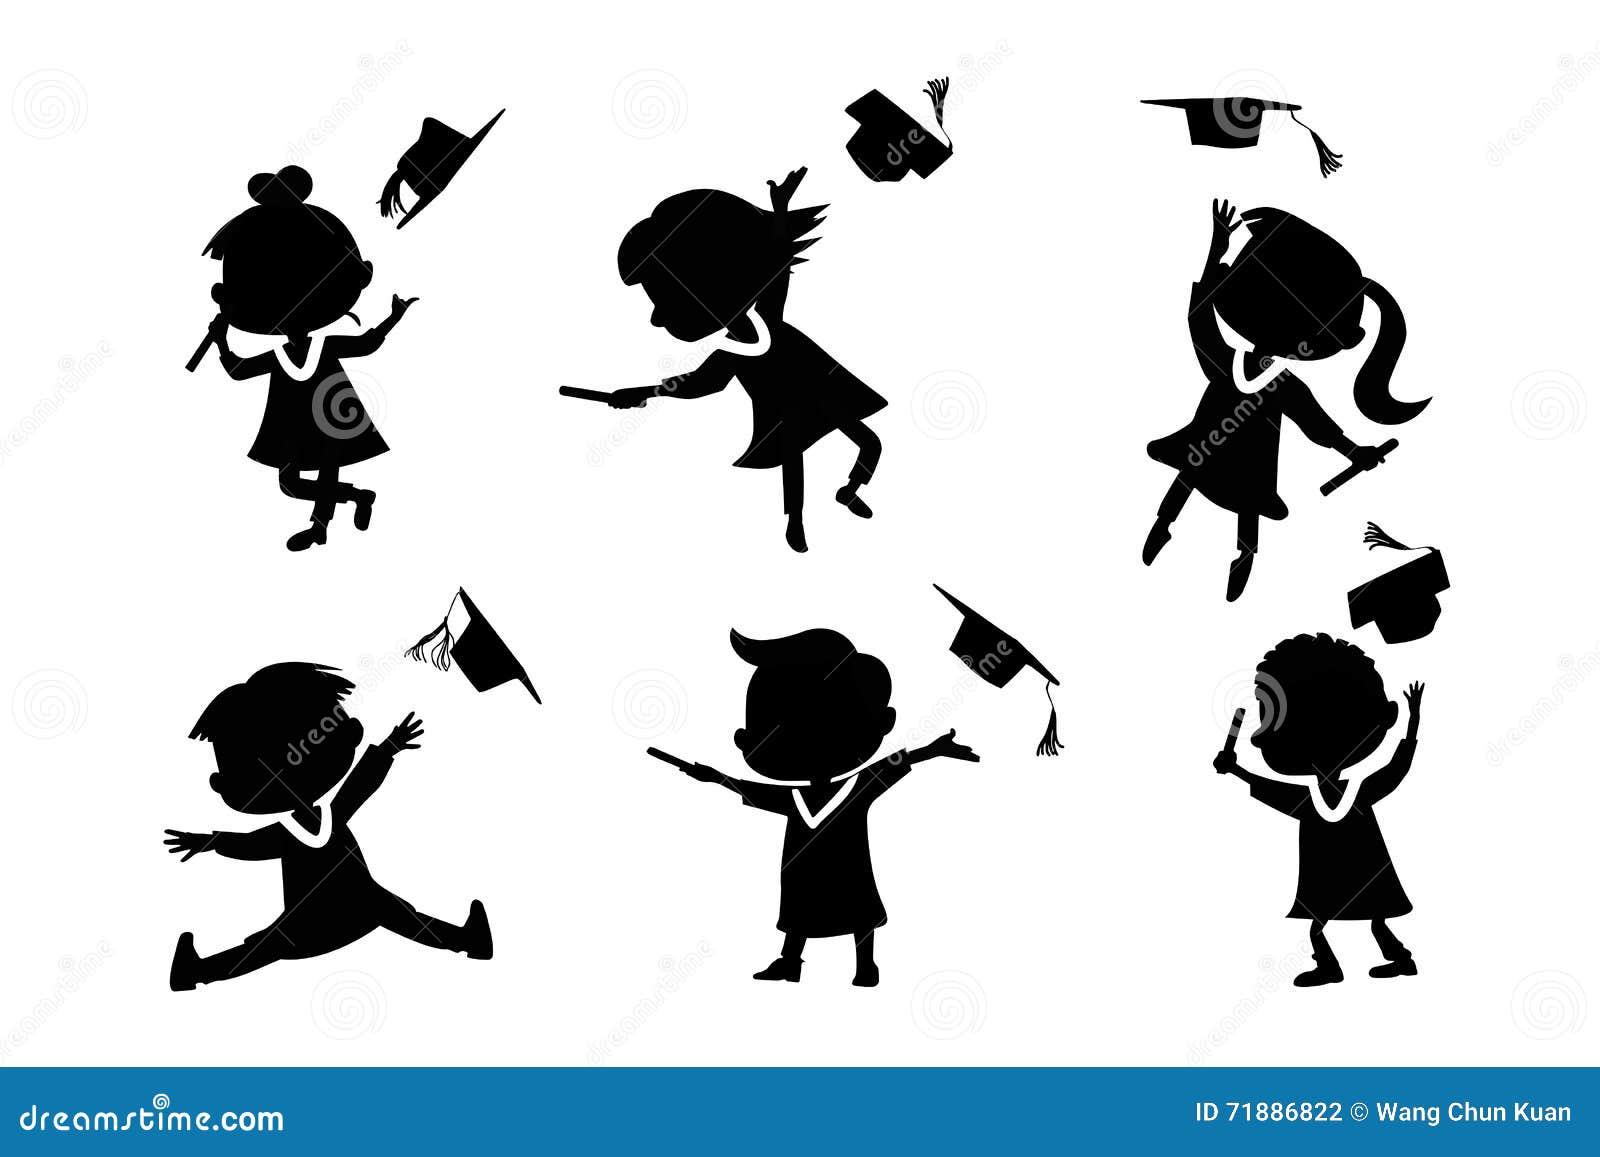 graduation girl silhouette jumping wwwpixsharkcom